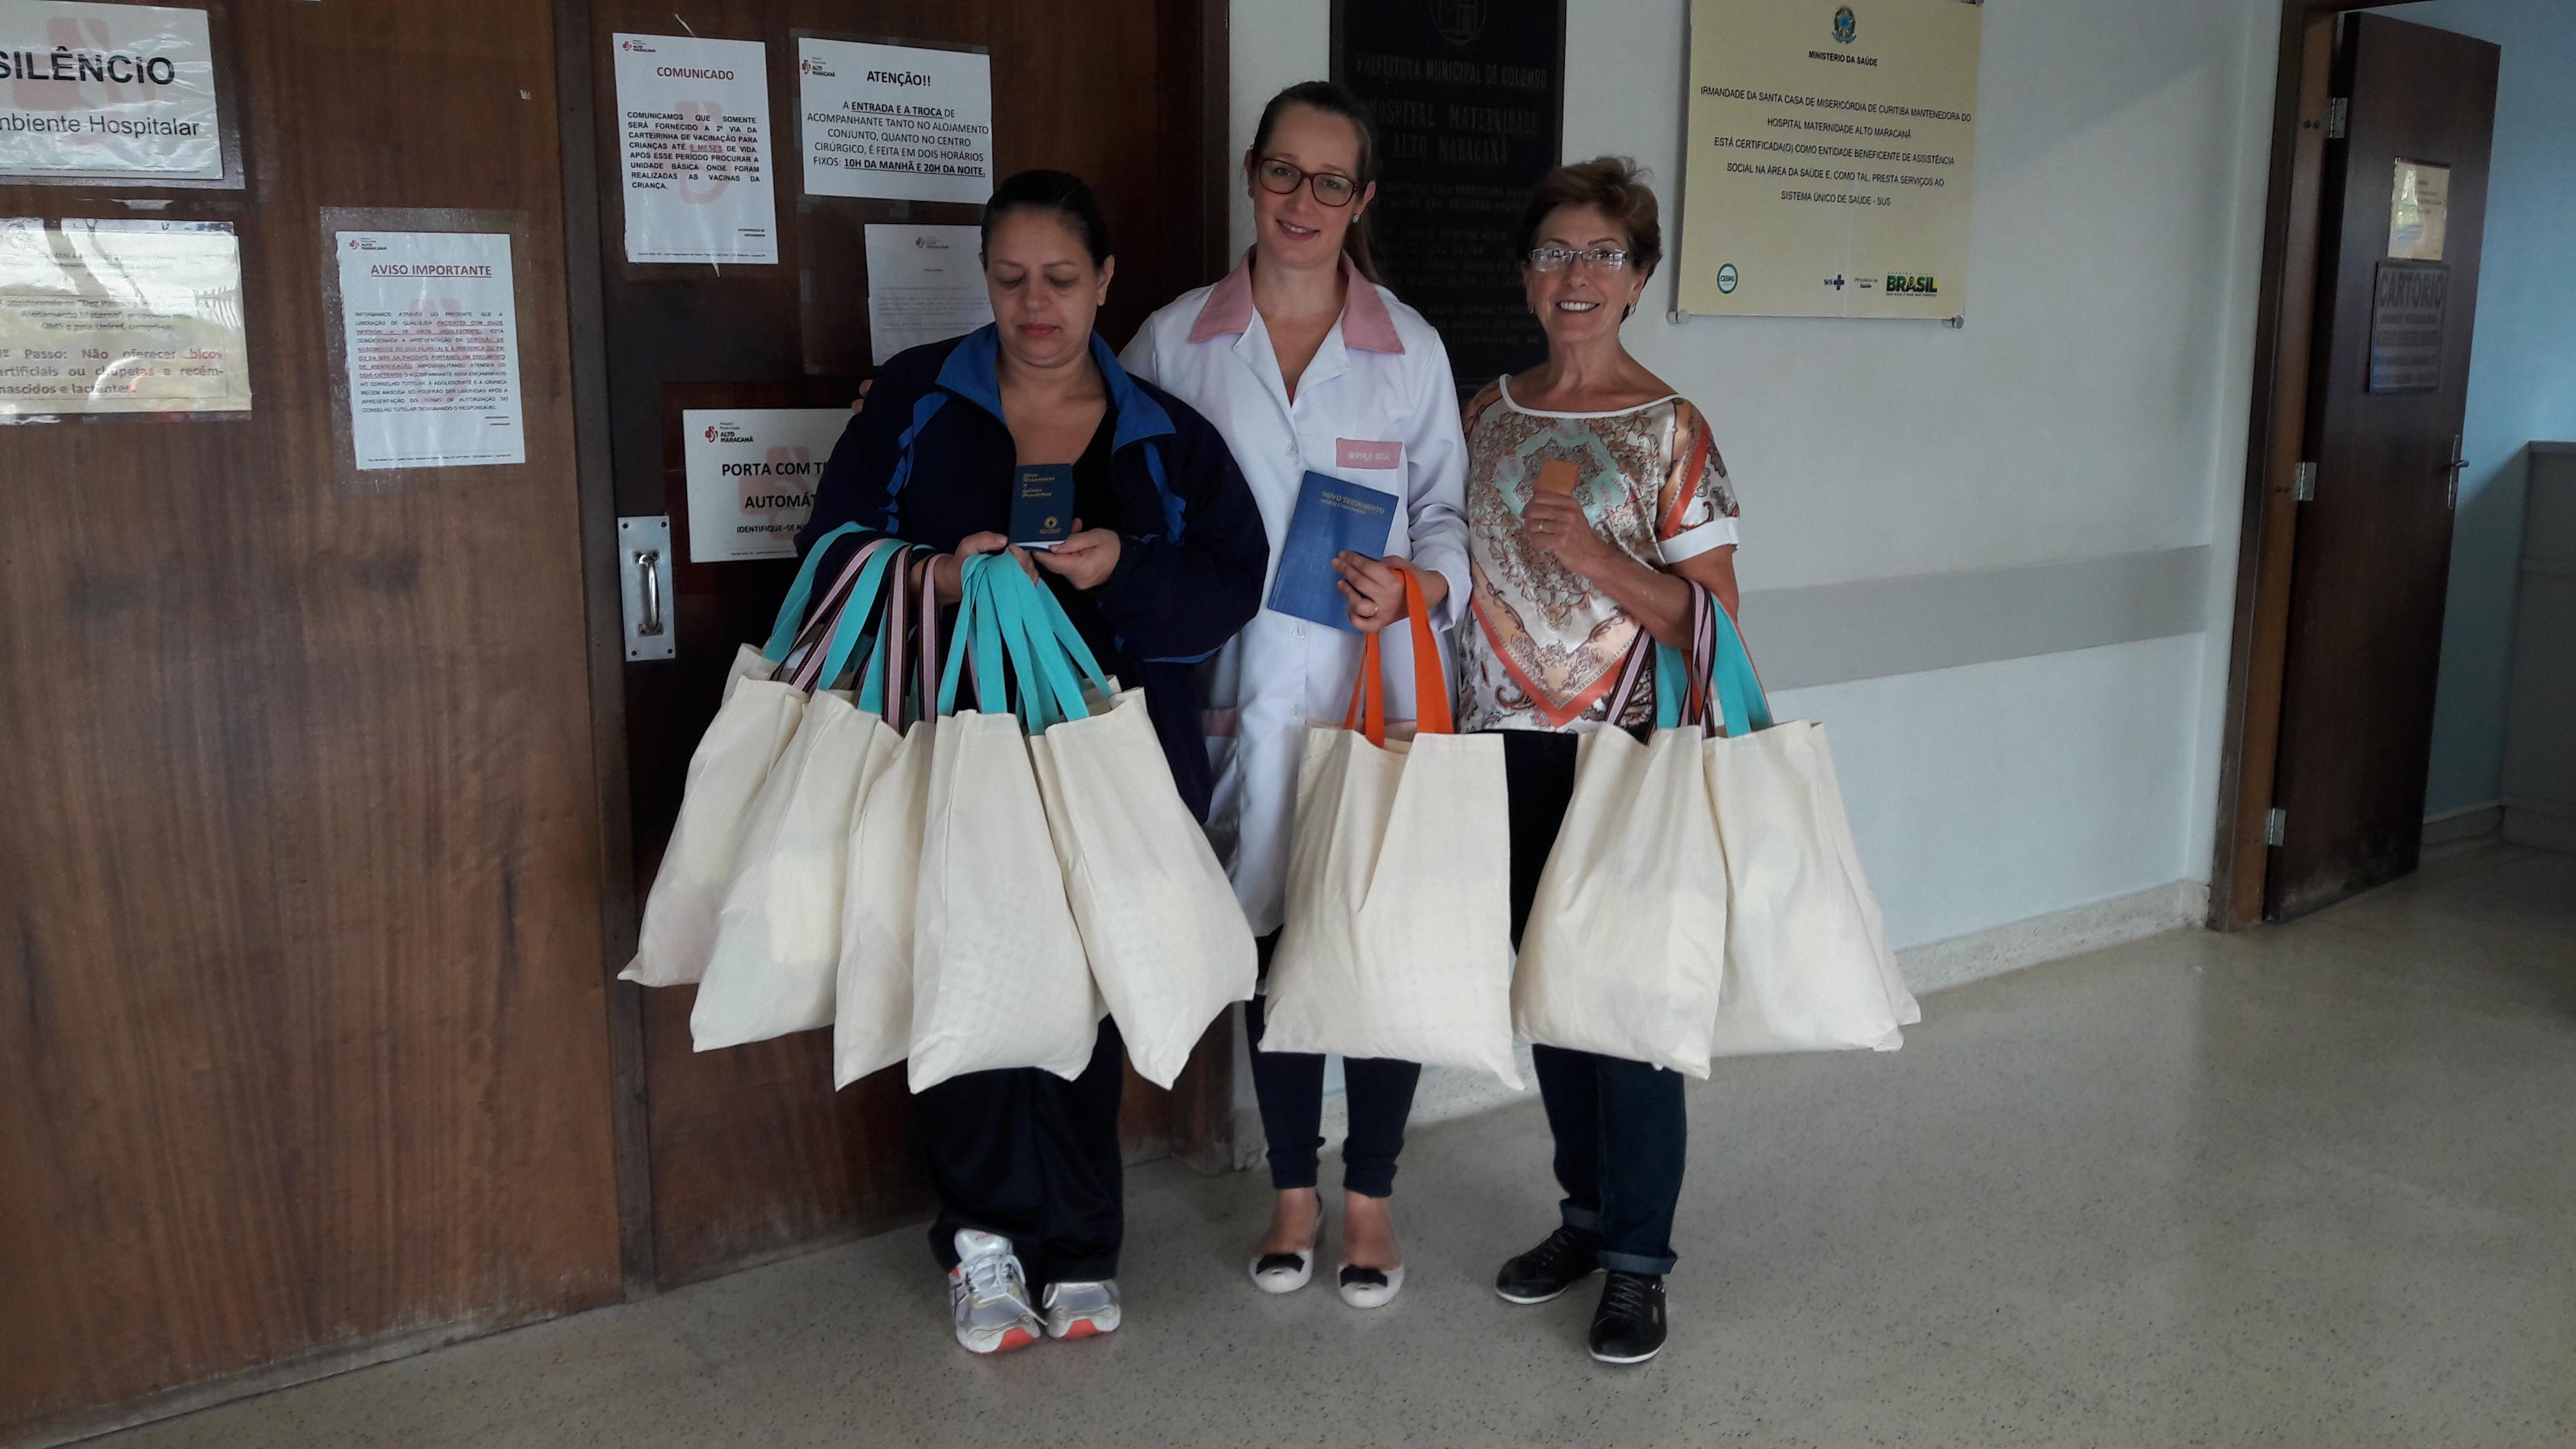 Mais famílias são atendidas pelo programa Enxoval Solidário